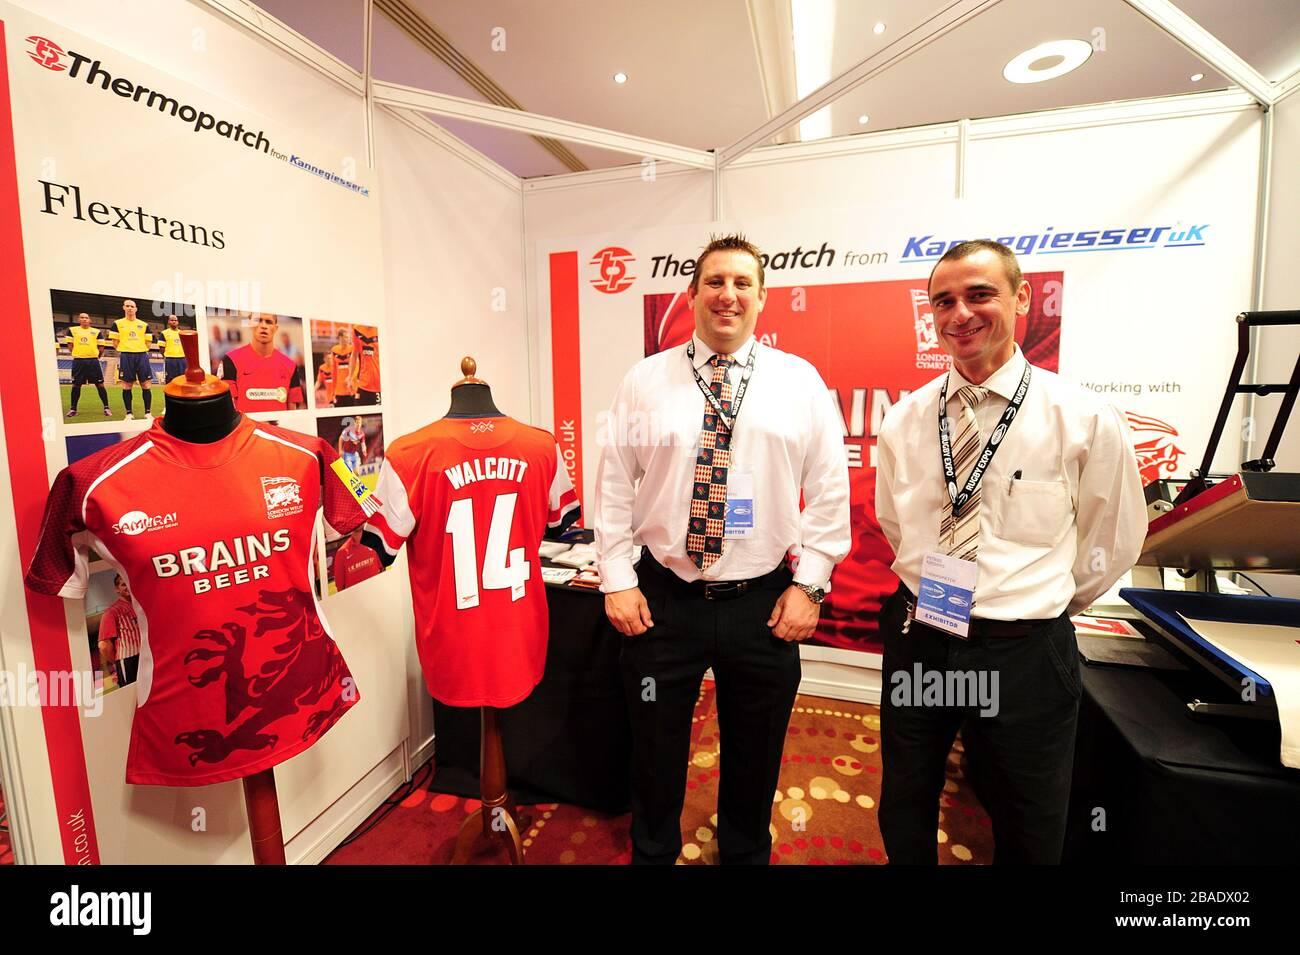 Thermopatch por Kannegiesser expositores británicos el primer día de la Expo de Rugby 2012 Foto de stock